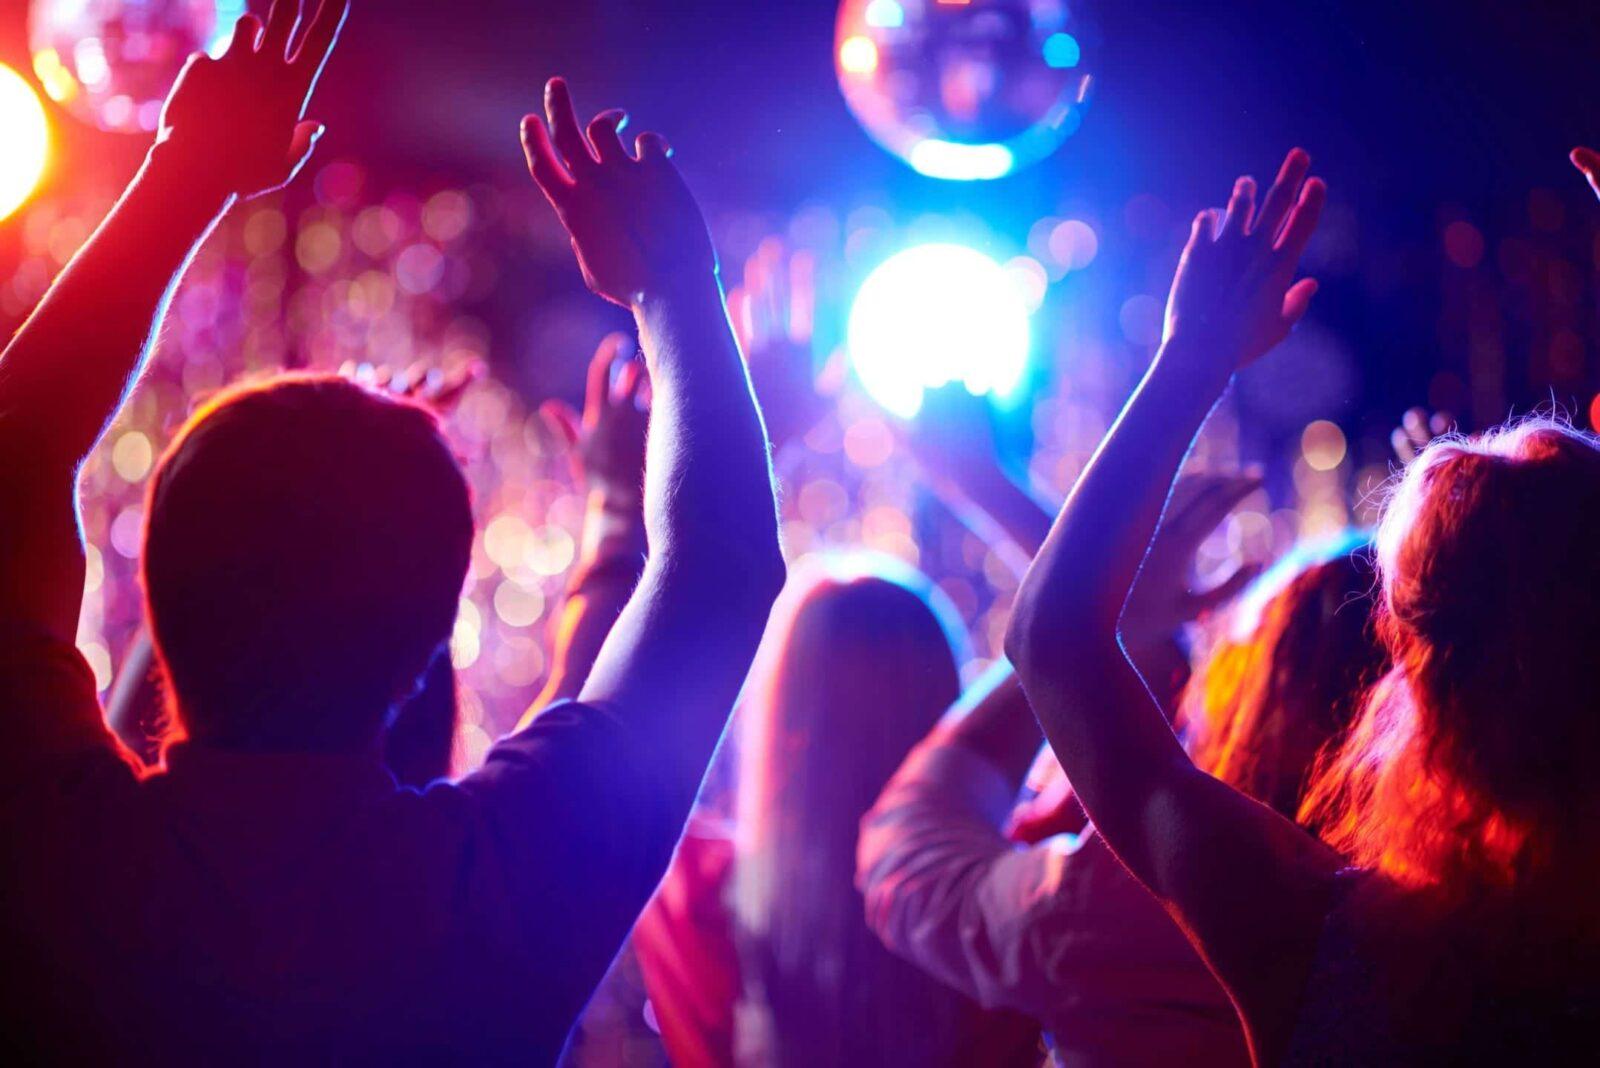 Concert Limousine or Party Bus